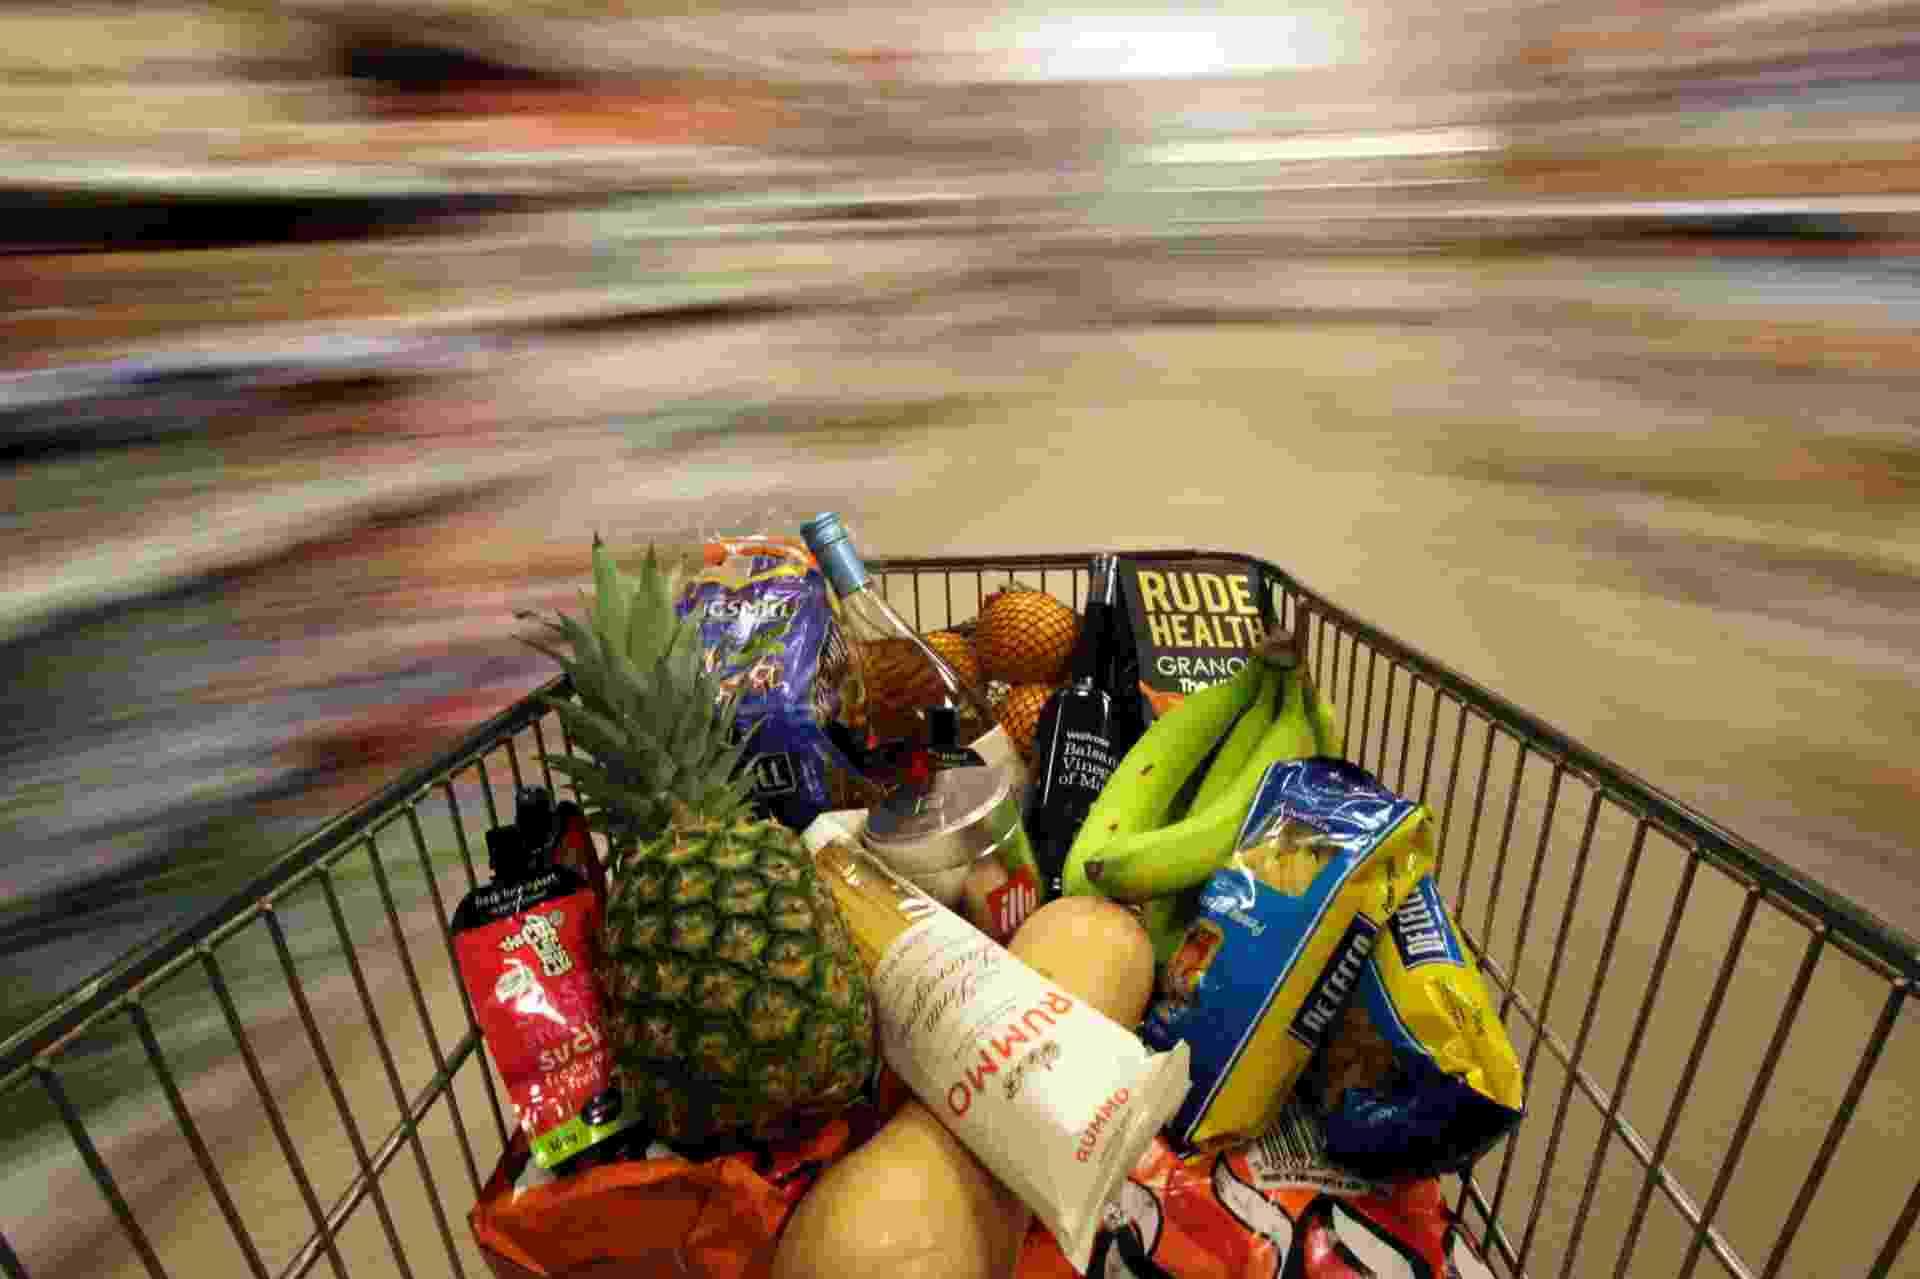 19.mai.2015 - Carrinho com compras é empurrado por supermercado de Londres, na Inglaterra - Stefan Wermuth/Reuters